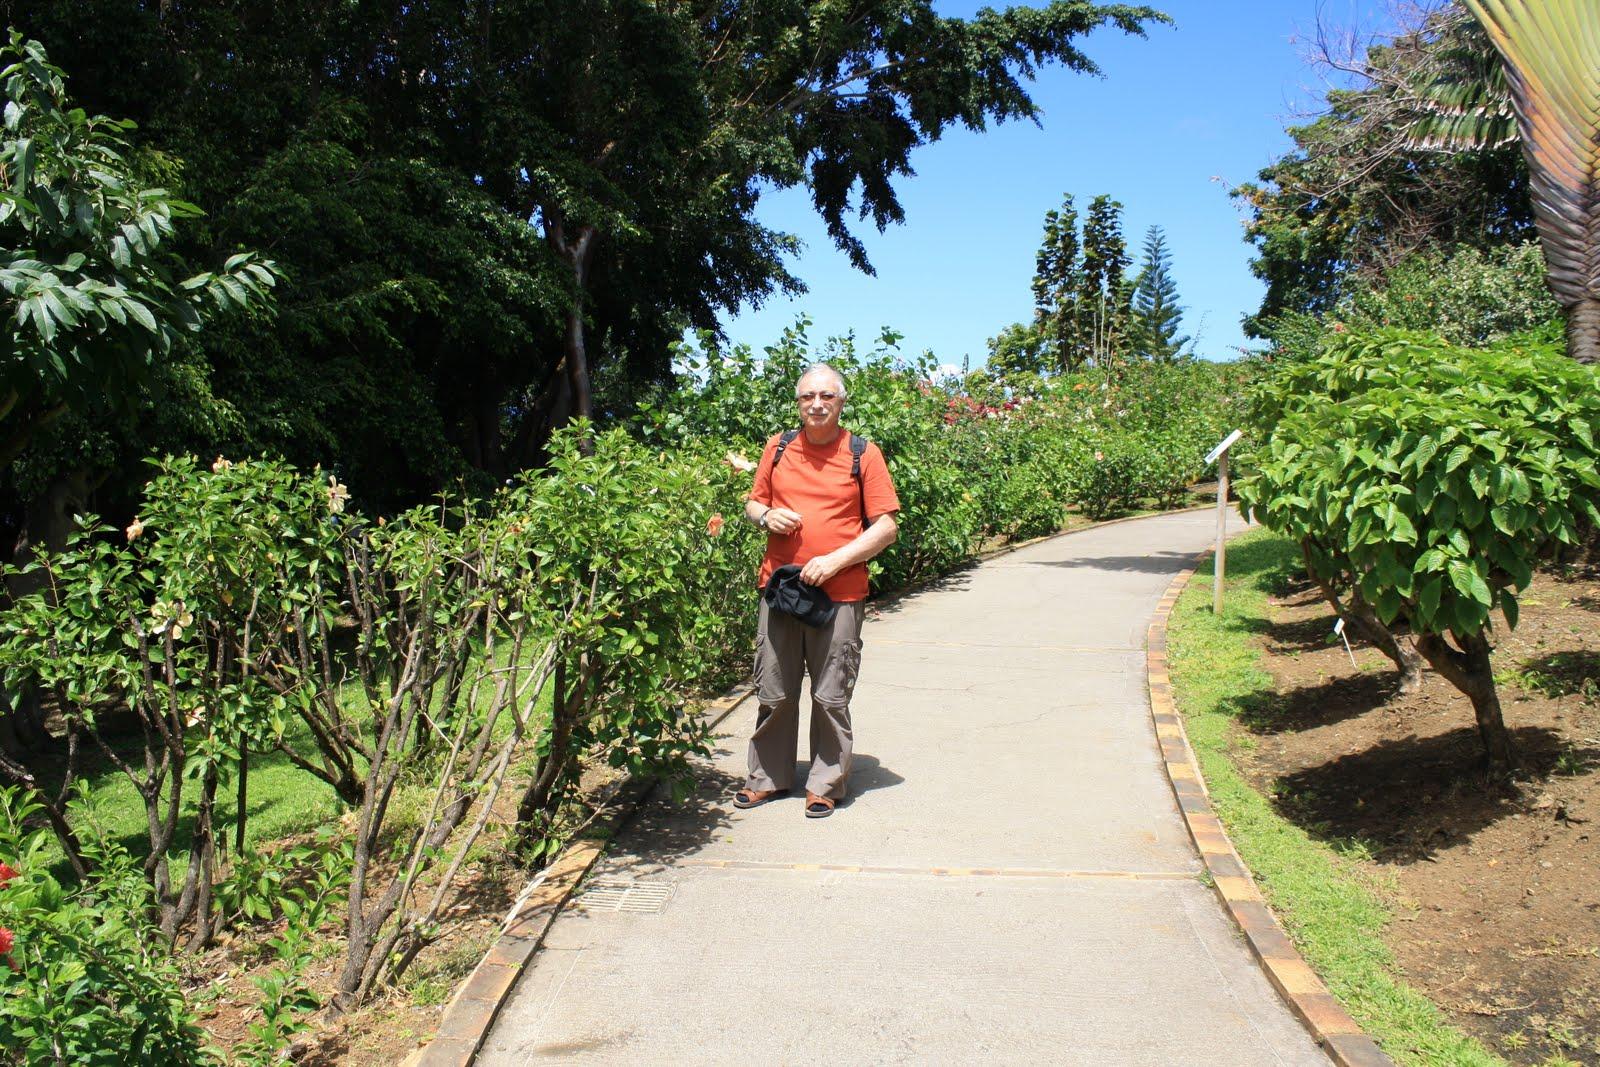 Vacances dans l 39 ile papillon le jardin botanique de for Papillon jardin botanique 2015